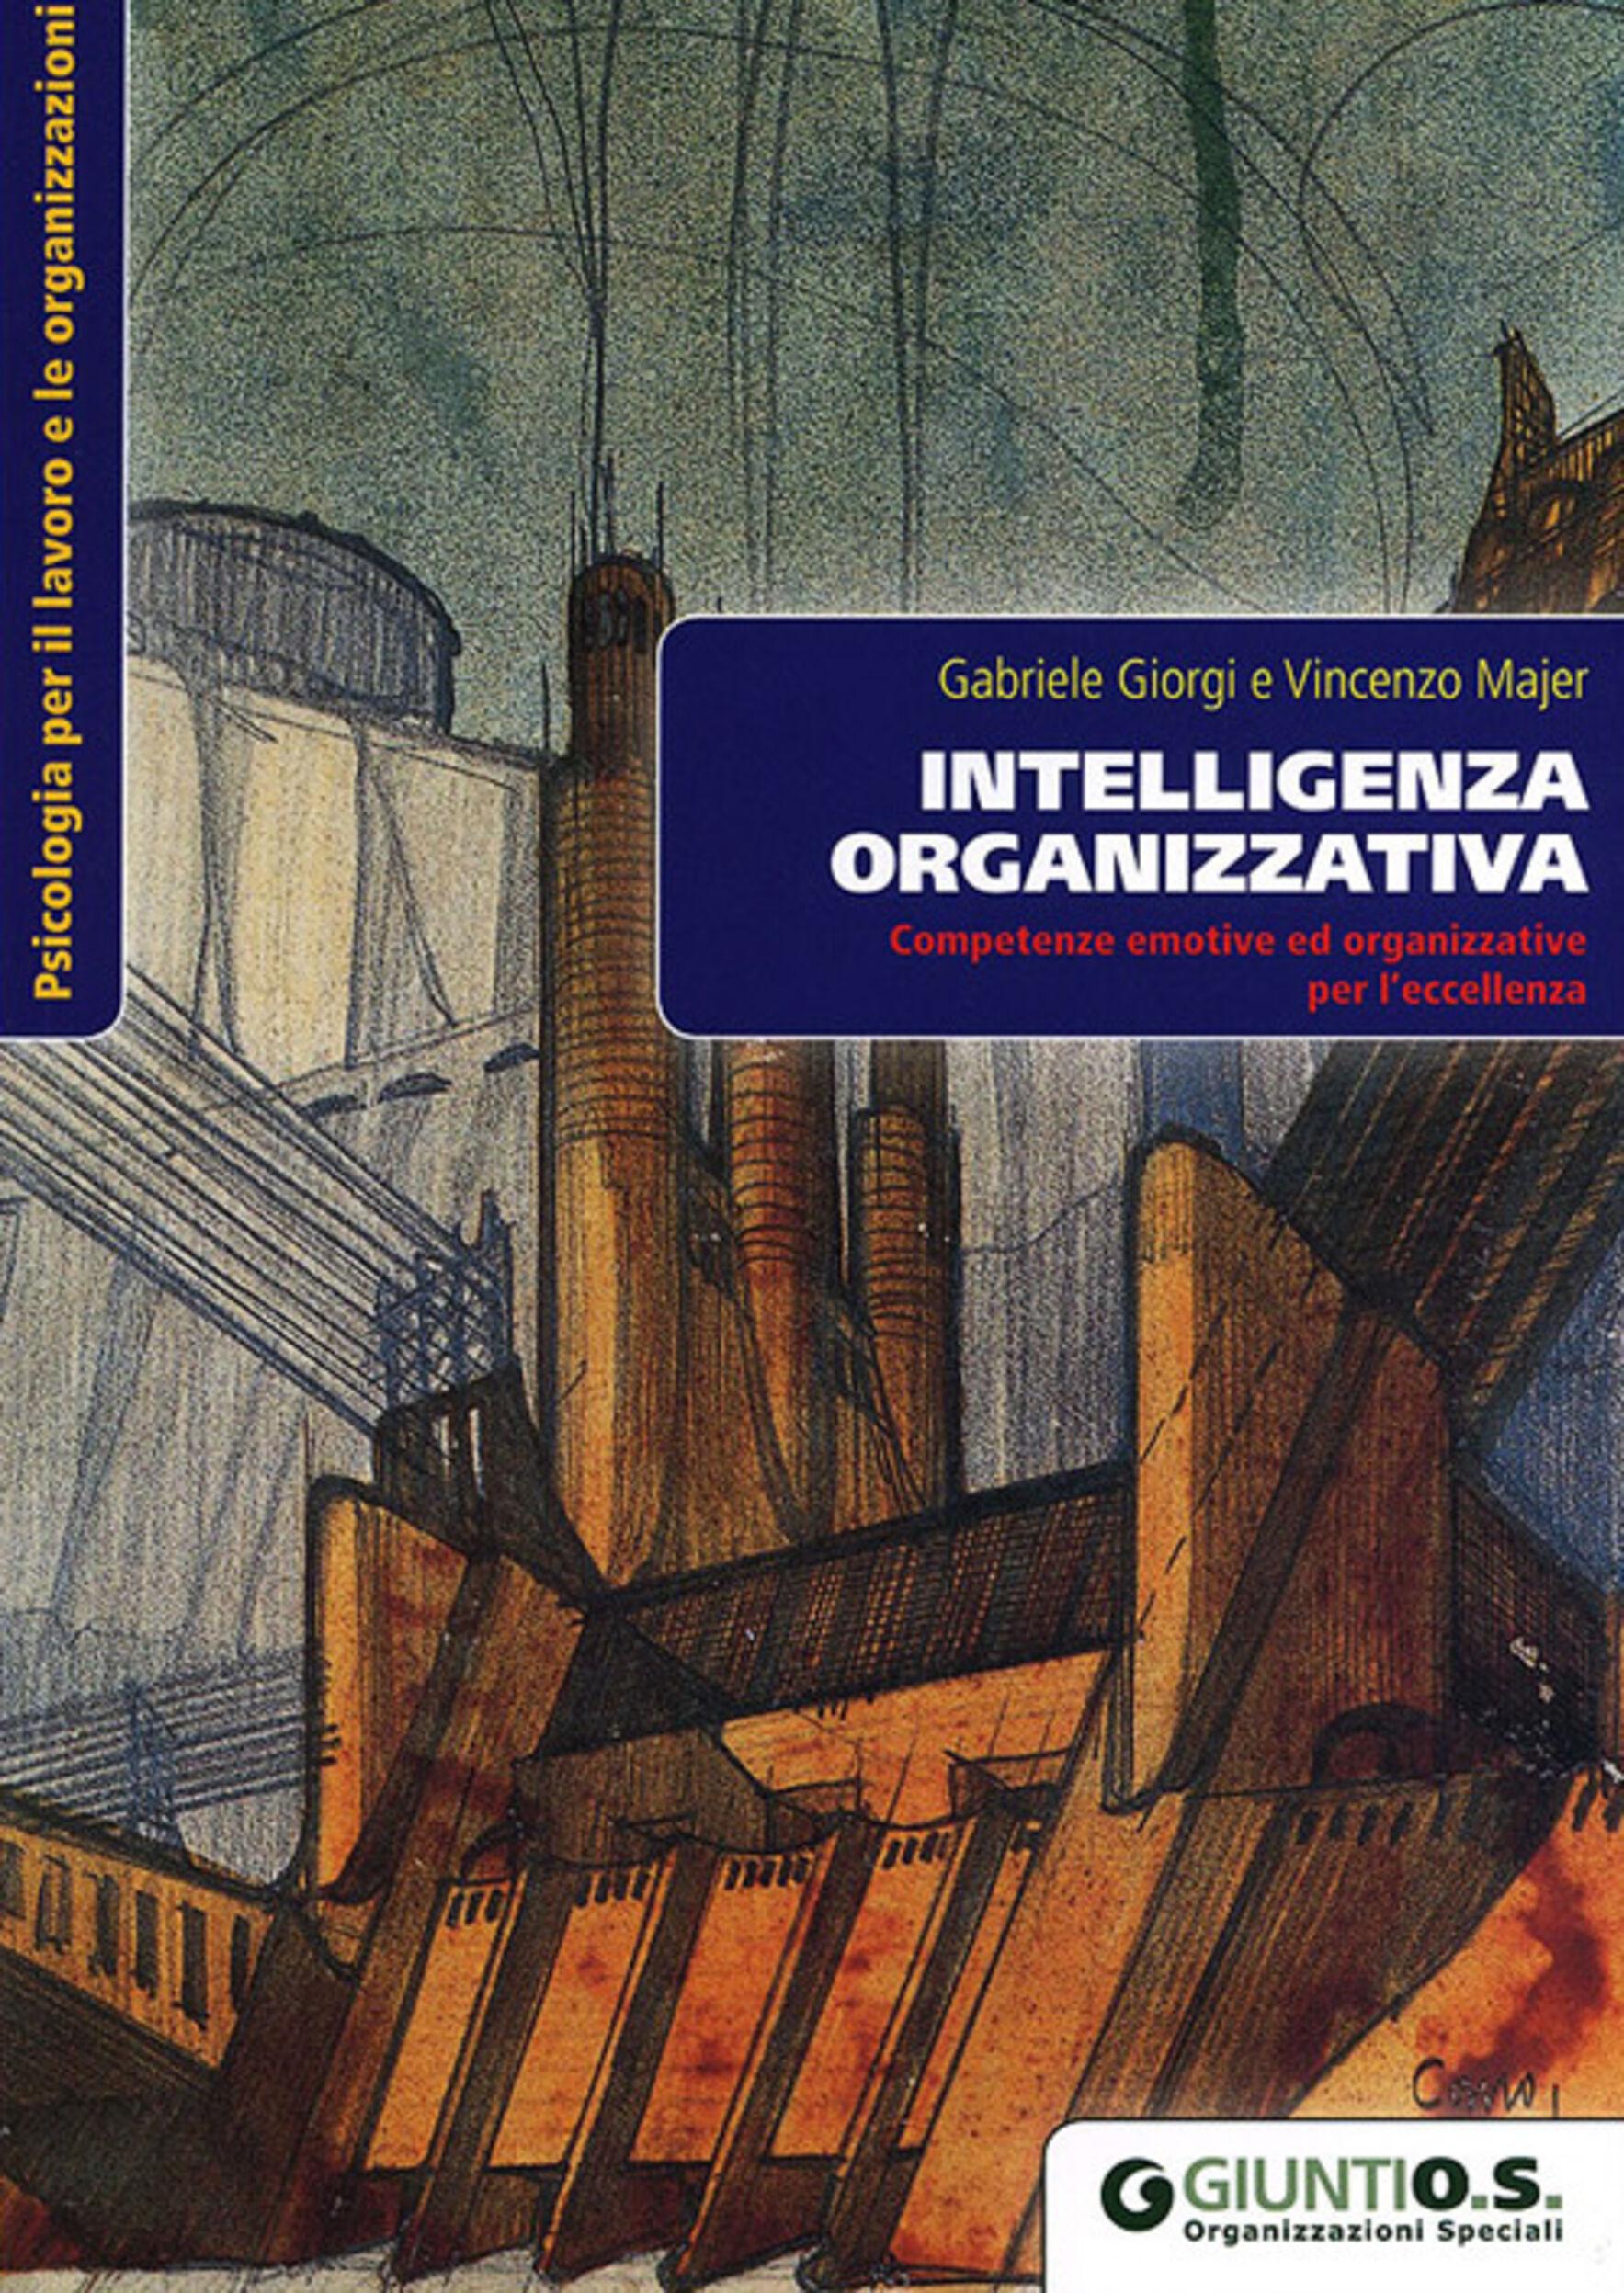 Intelligenza organizzativa. Competenze emotive ed organizzative per l'eccellenza